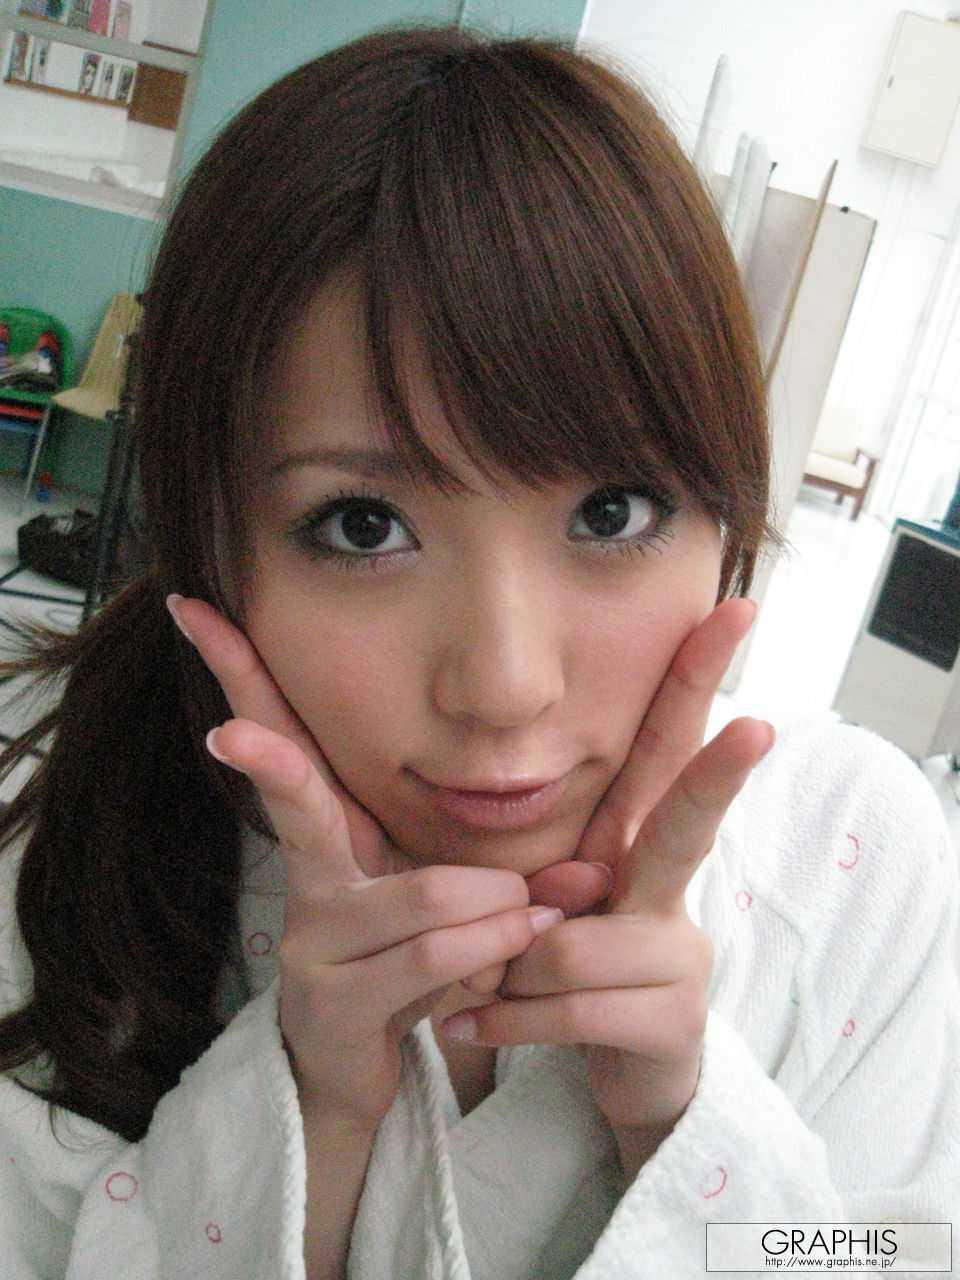 かわいいAV女優、桜木凛 (11)